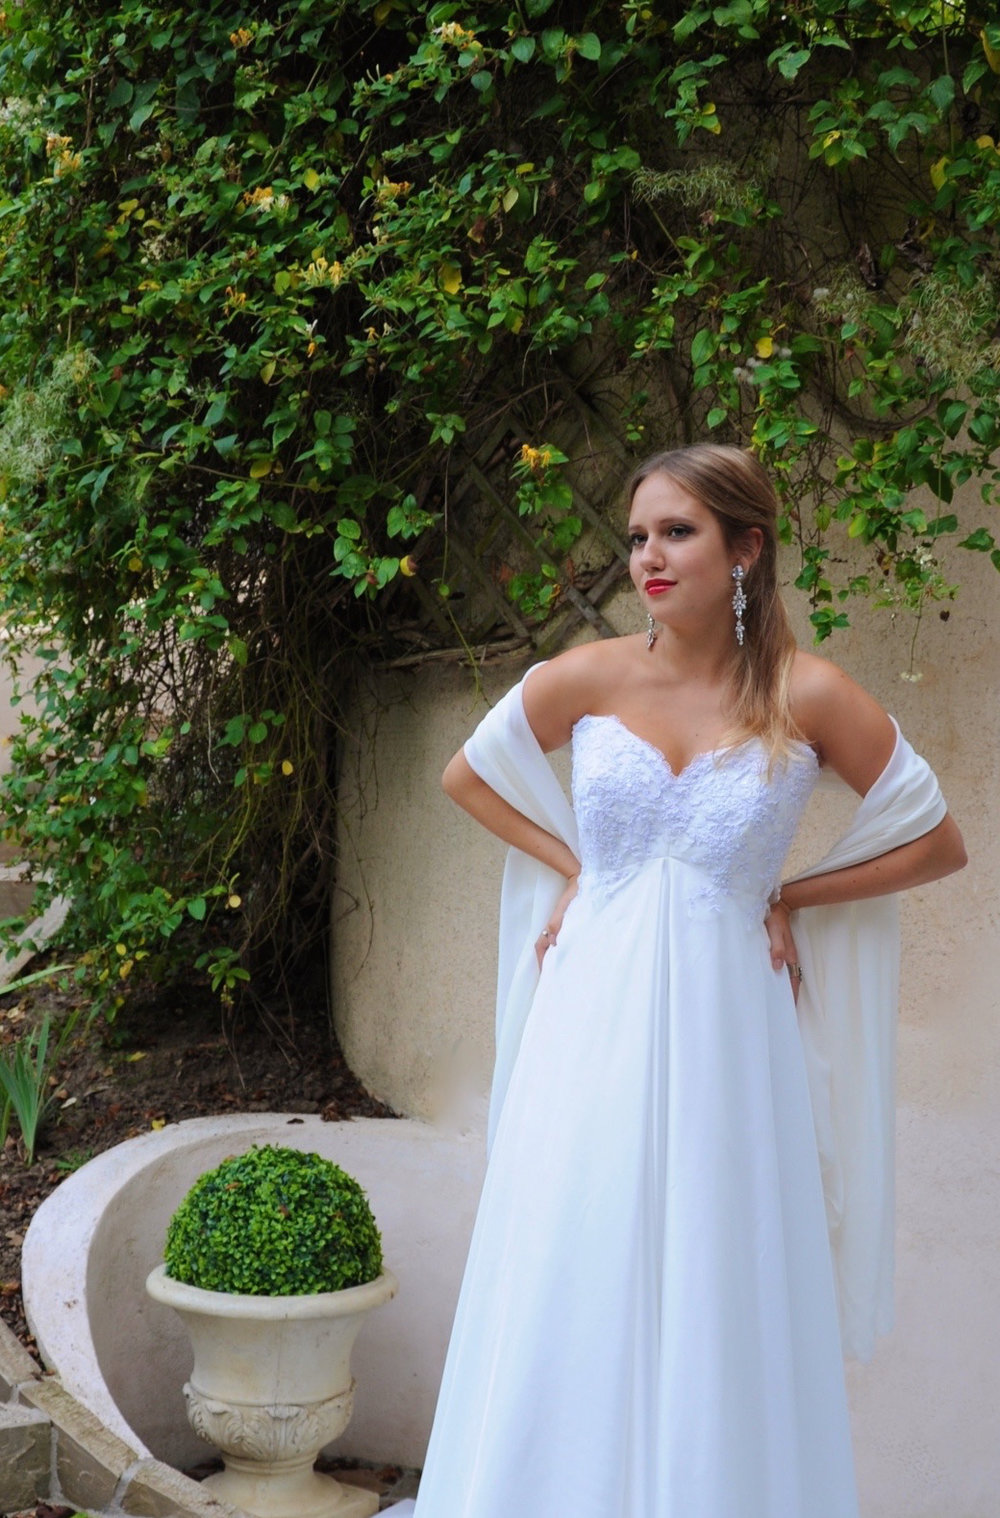 Robe de mariée Premier Baiser fluide - Agnès Szabelewski.jpg